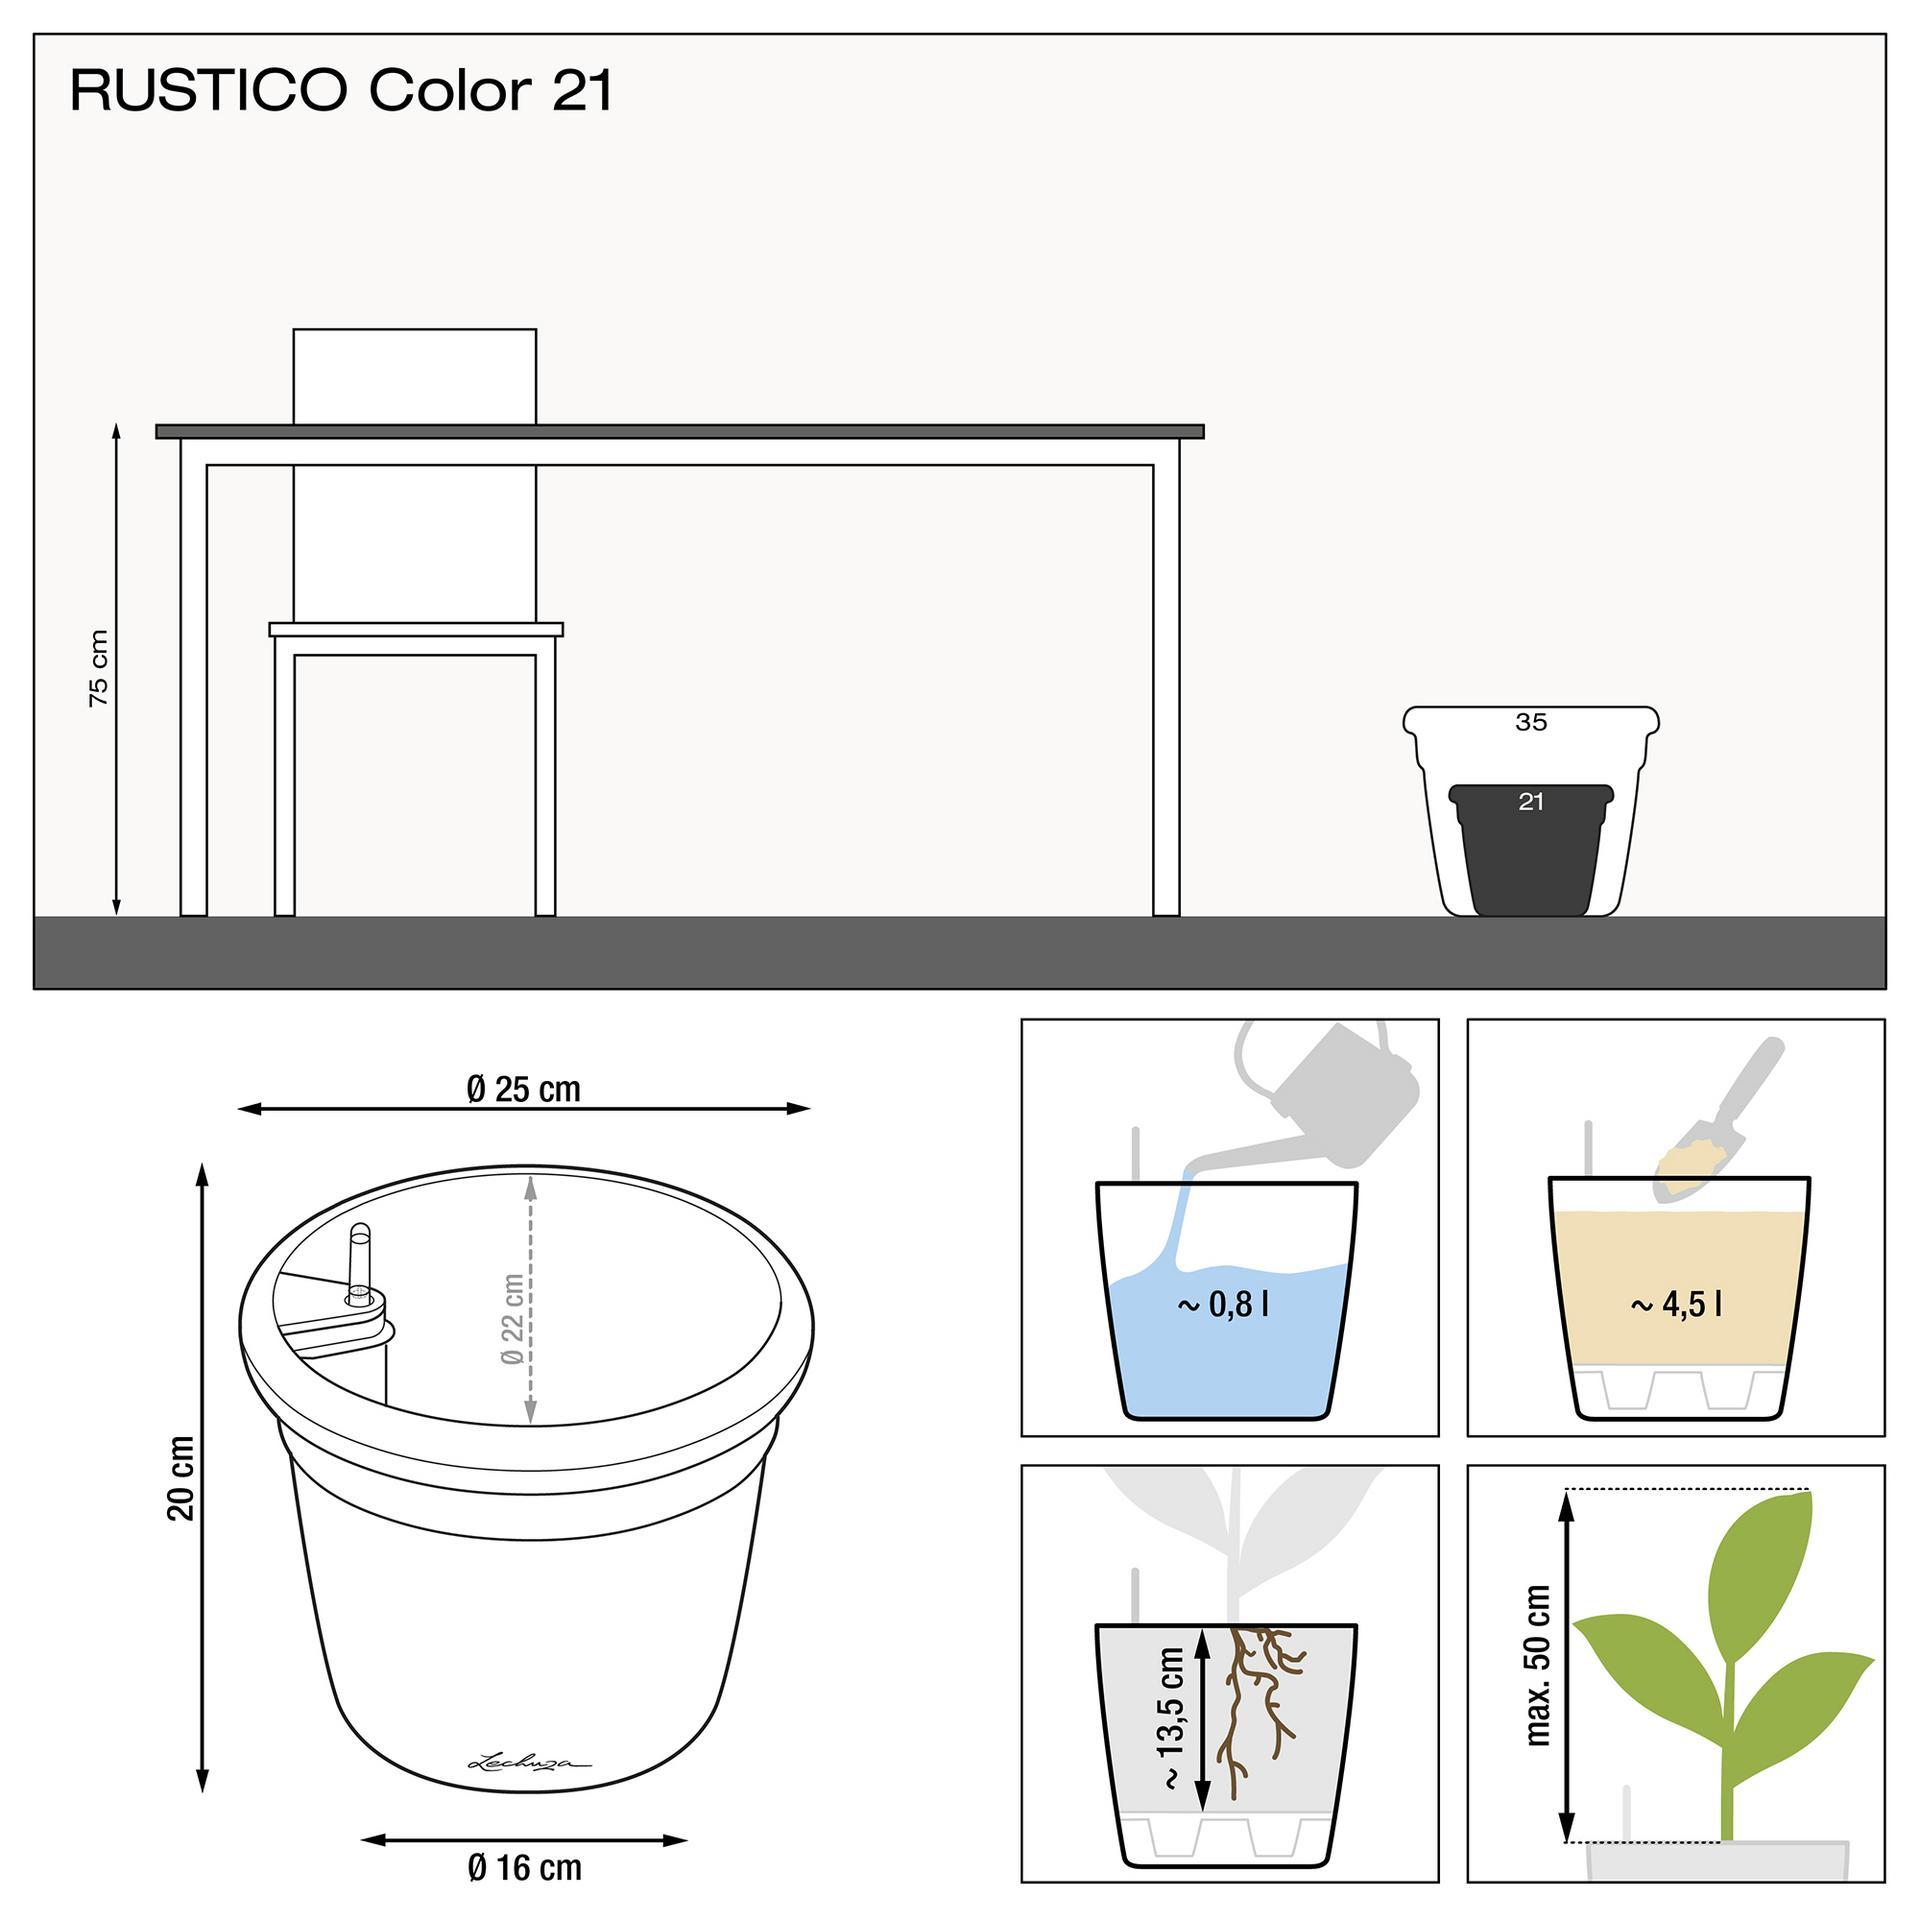 le_rustico-color21_product_addi_nz